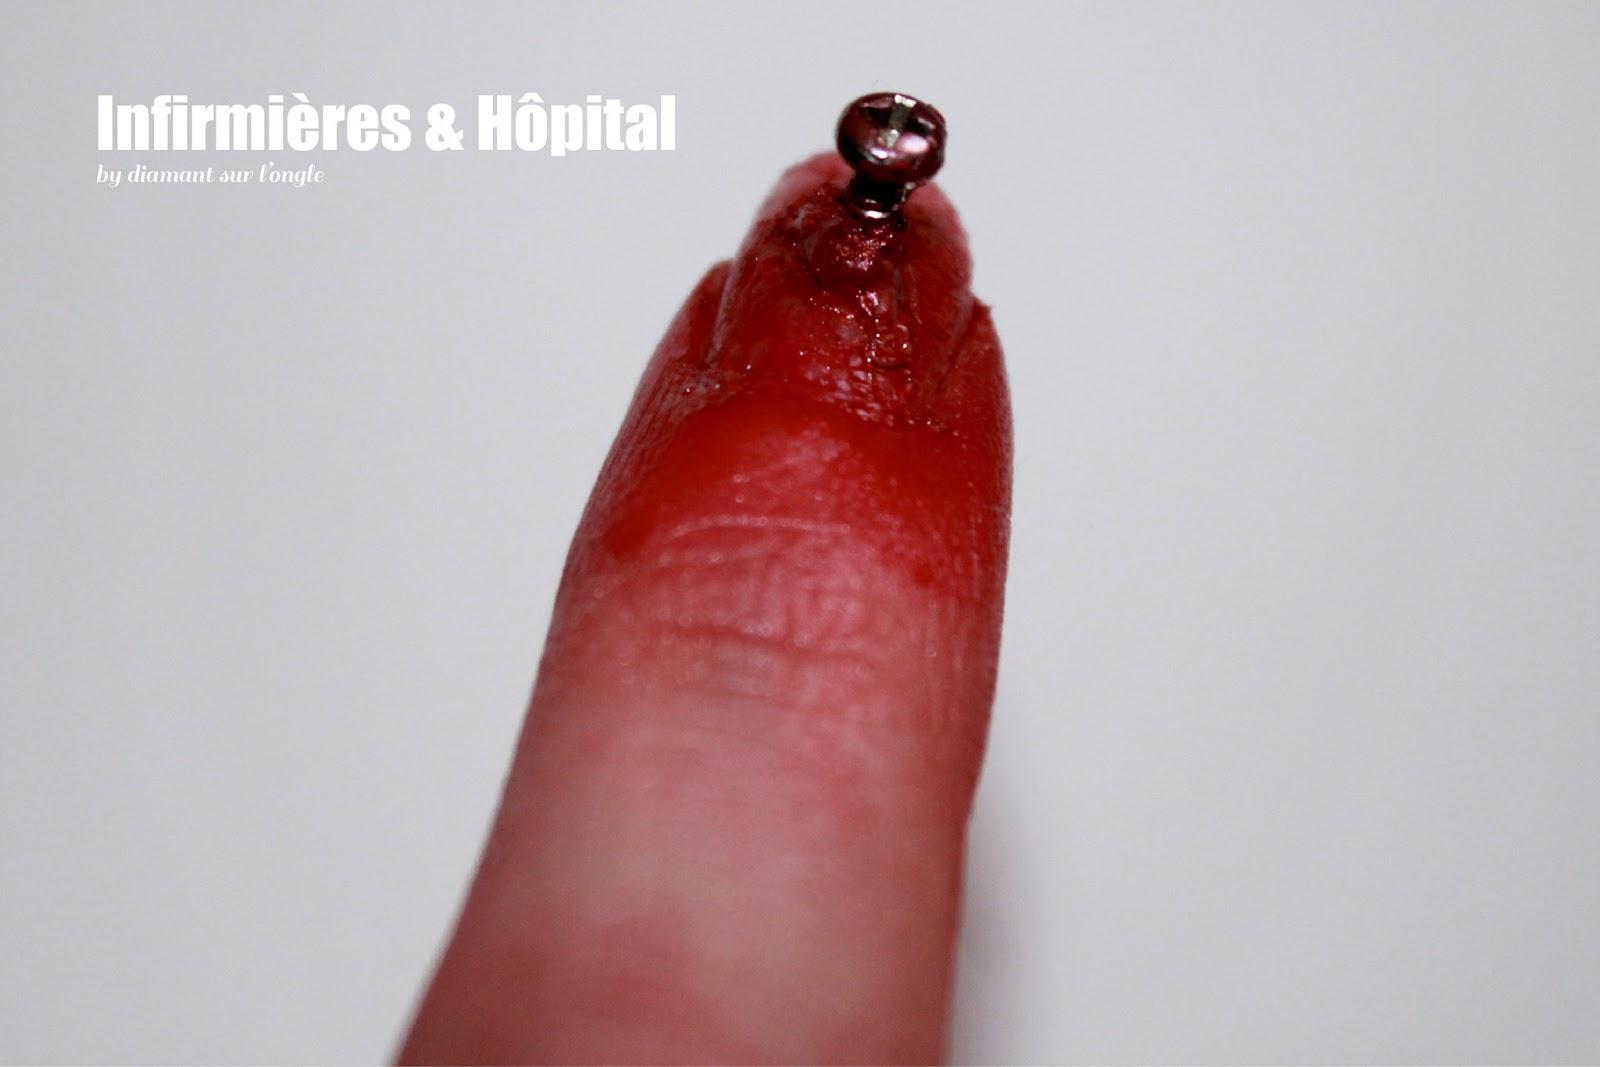 Häufig diamant sur l'ongle: ☤ Infirmières & Hôpital EA19